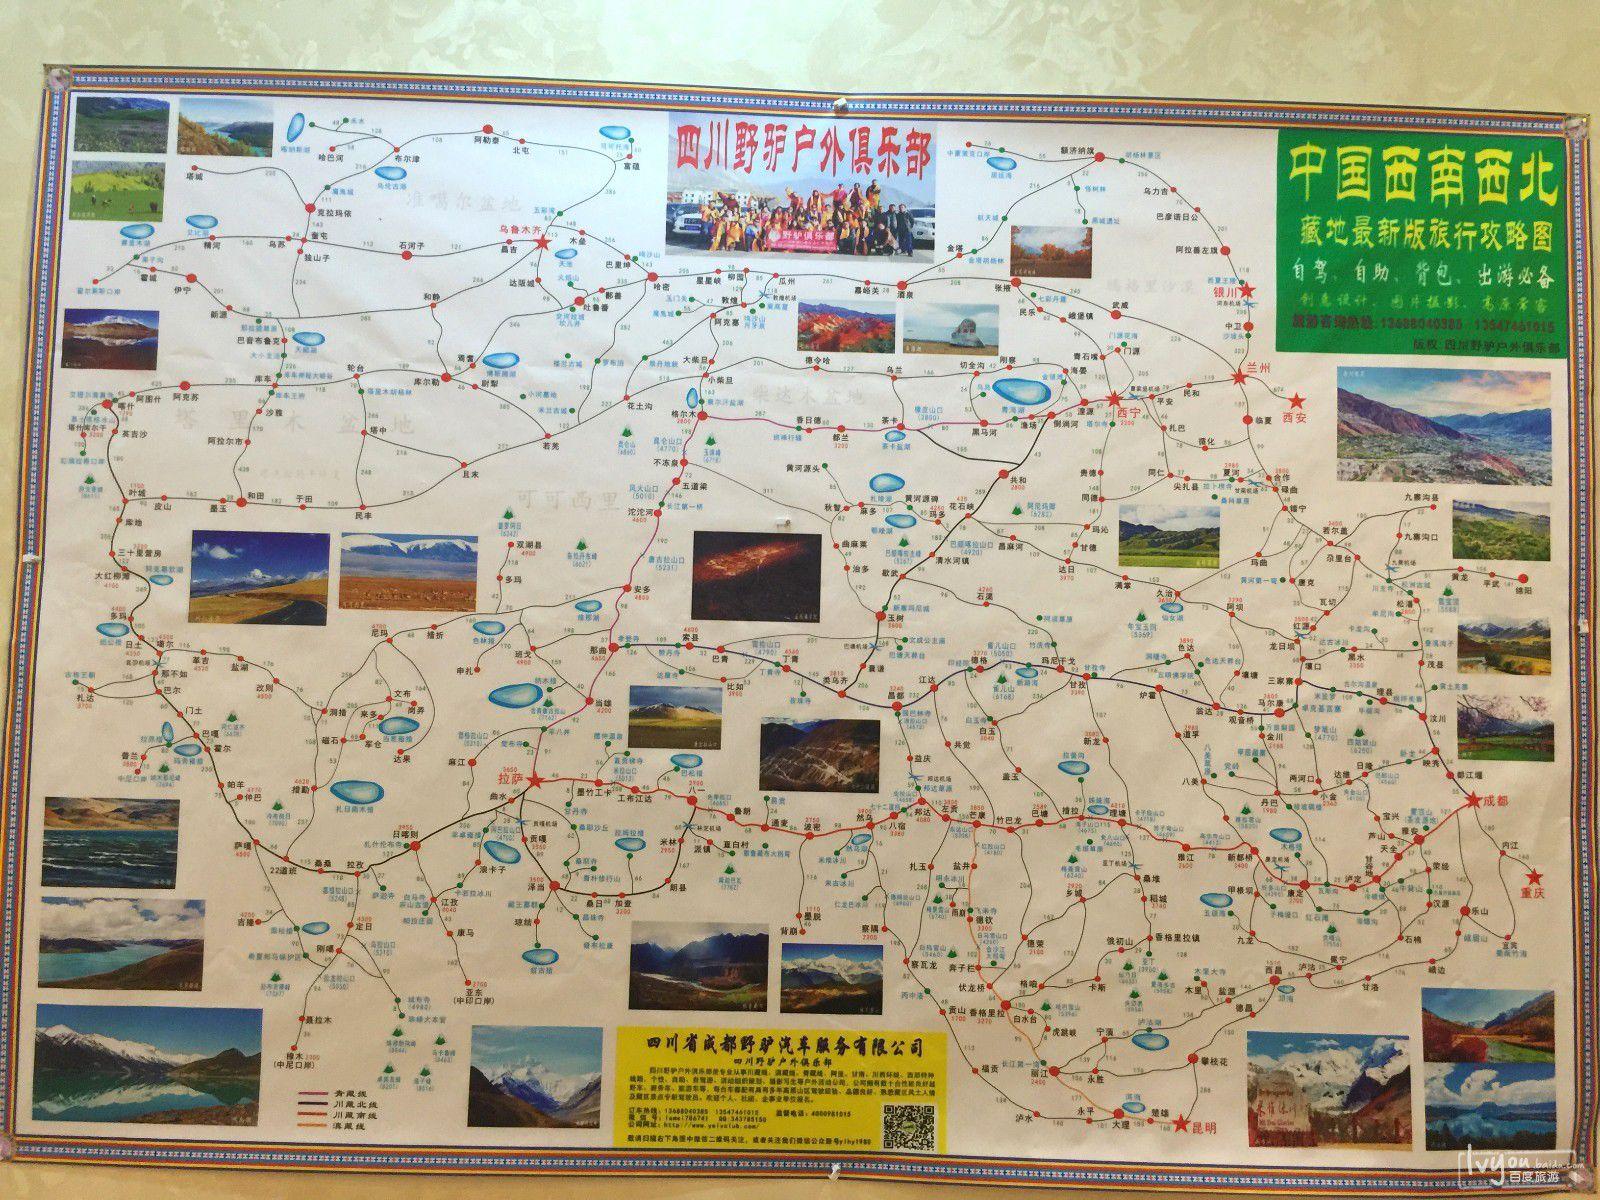 成都旅游攻略图片363